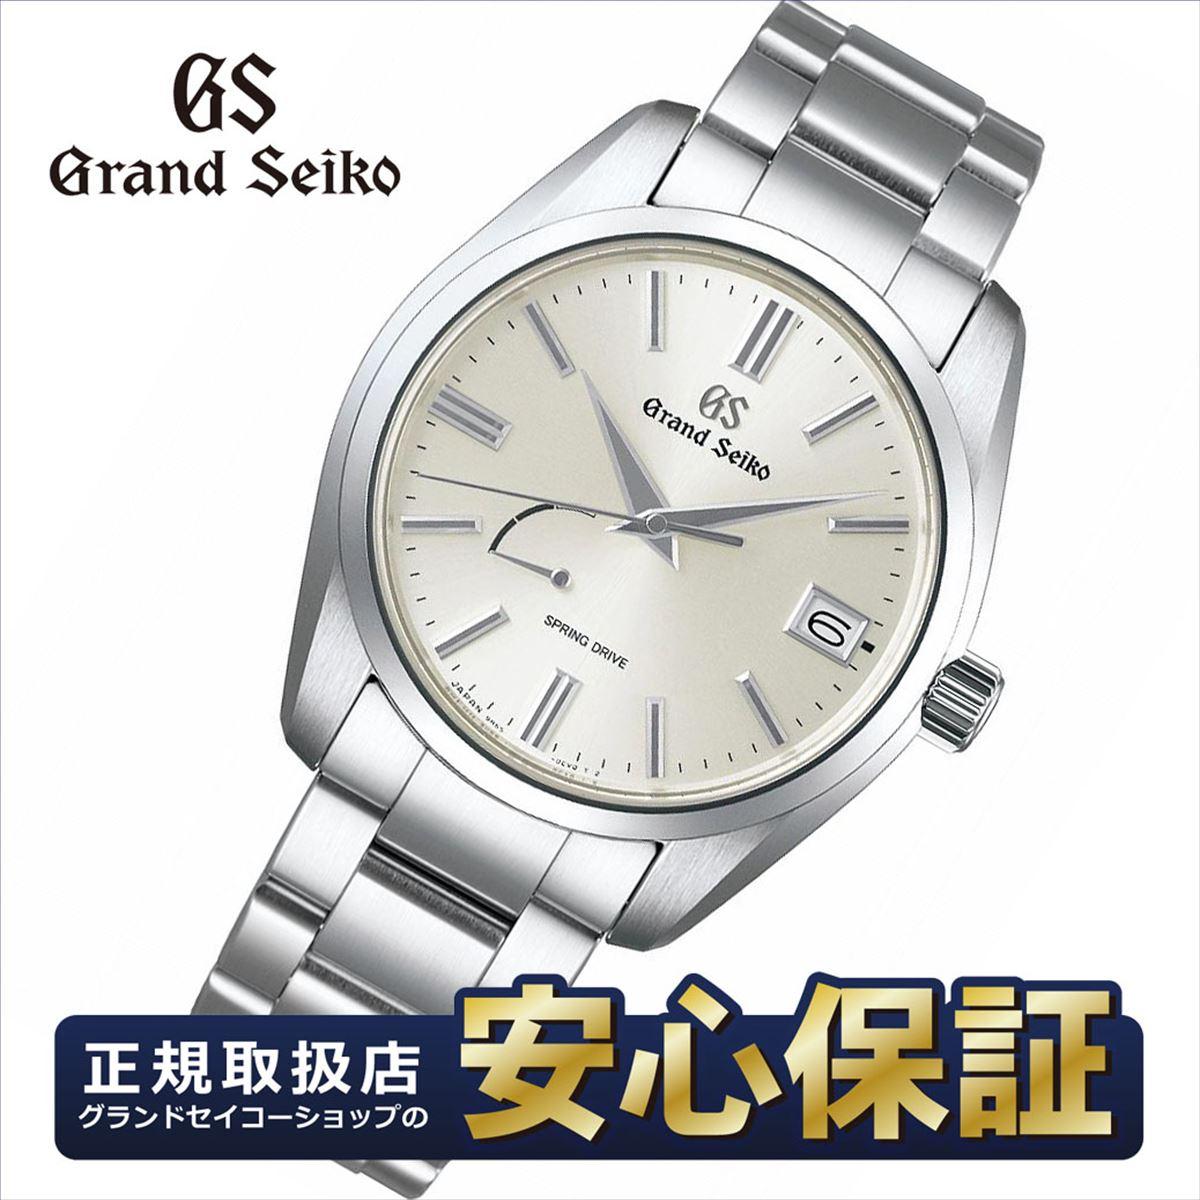 腕時計, メンズ腕時計 10OFF2195930GSSEIKO SBGA437 GRAND SEIKO 022110spl